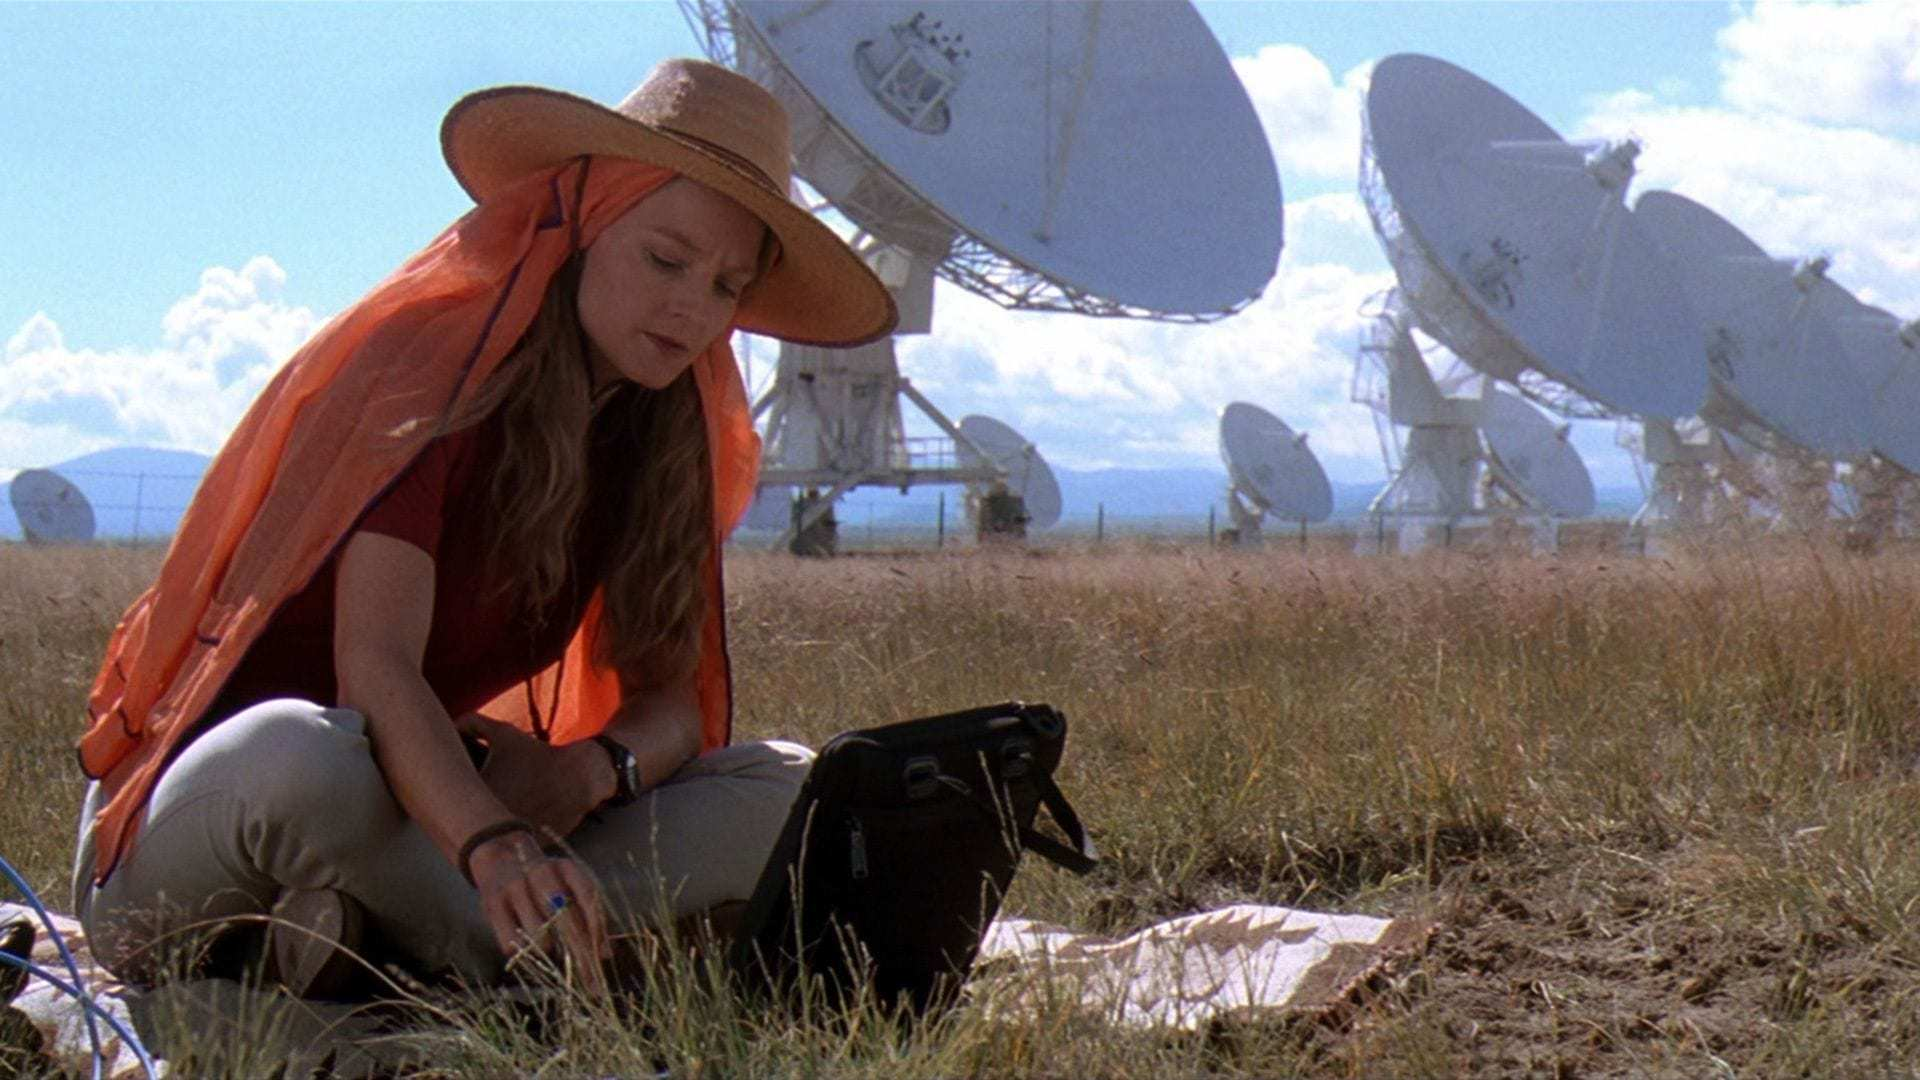 女科学家:吉尔·塔特,SETI,以及我们对外星生命的探索